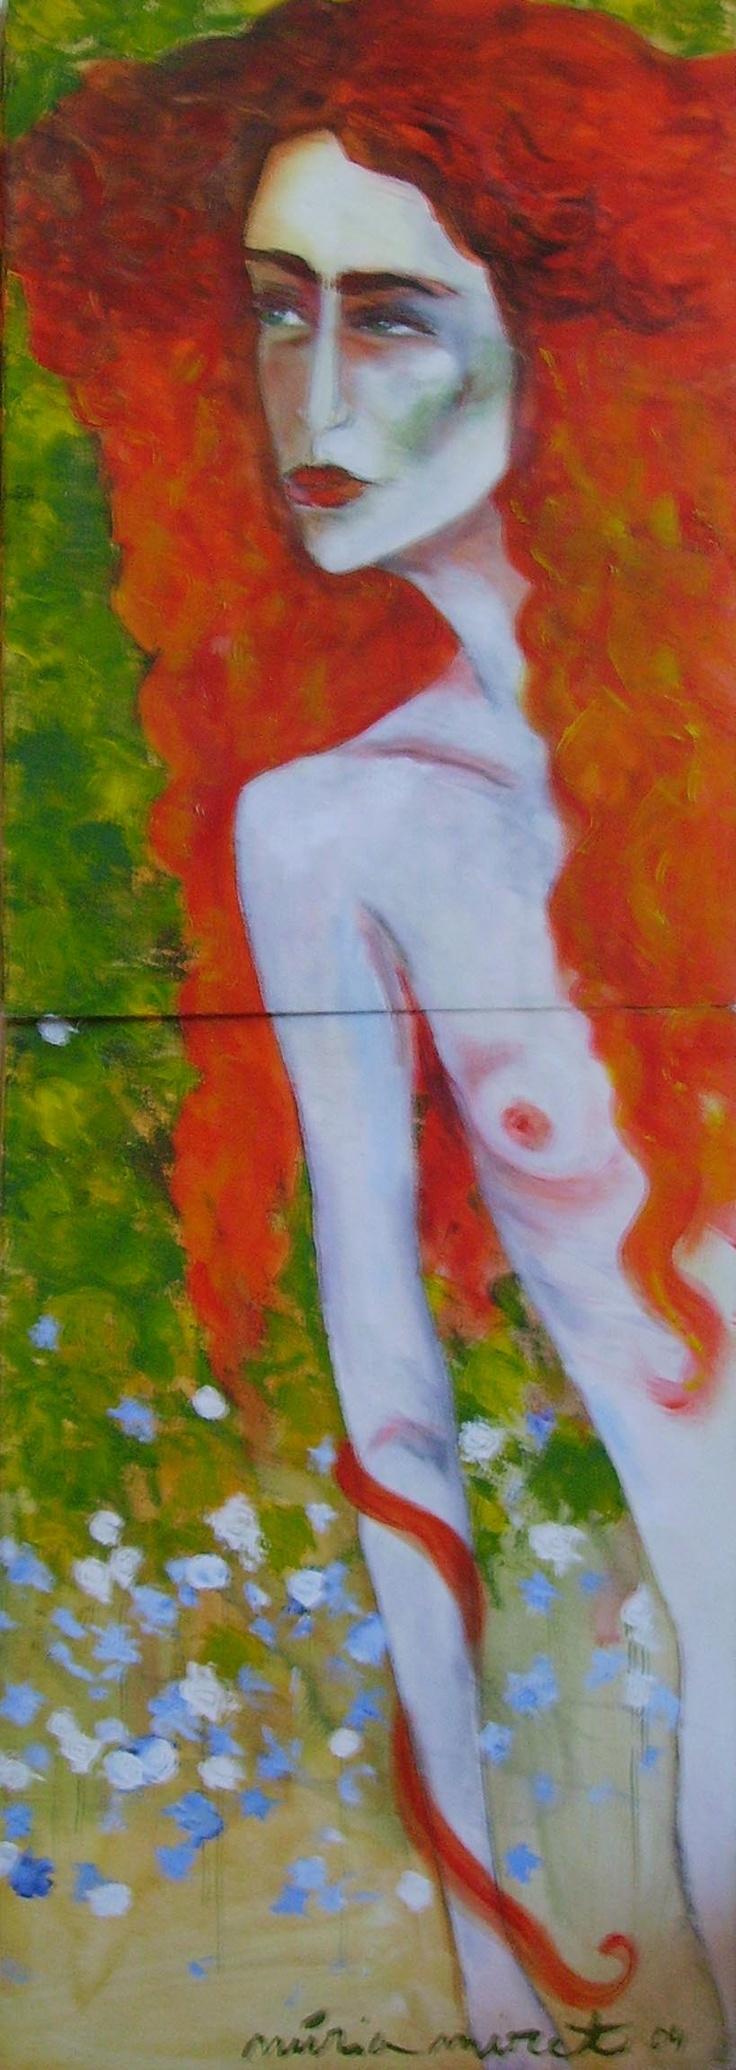 emulating Klimt